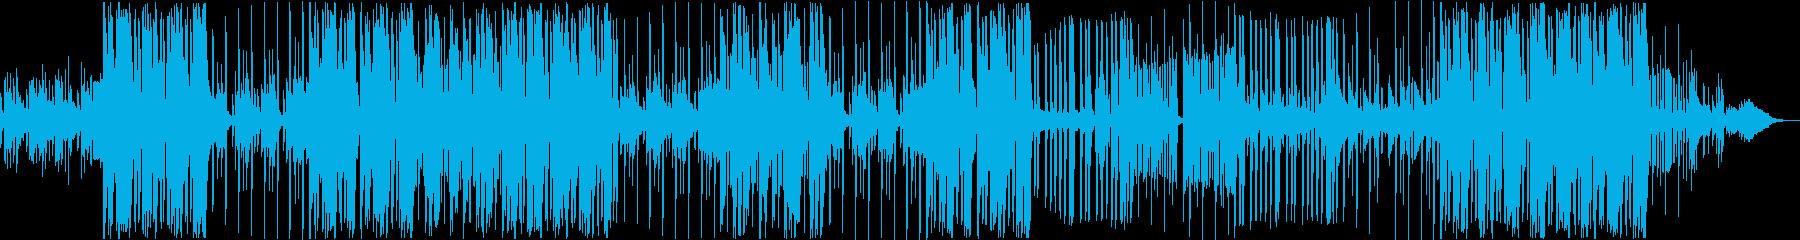 妖しげなCHILL系HIPHOPの再生済みの波形